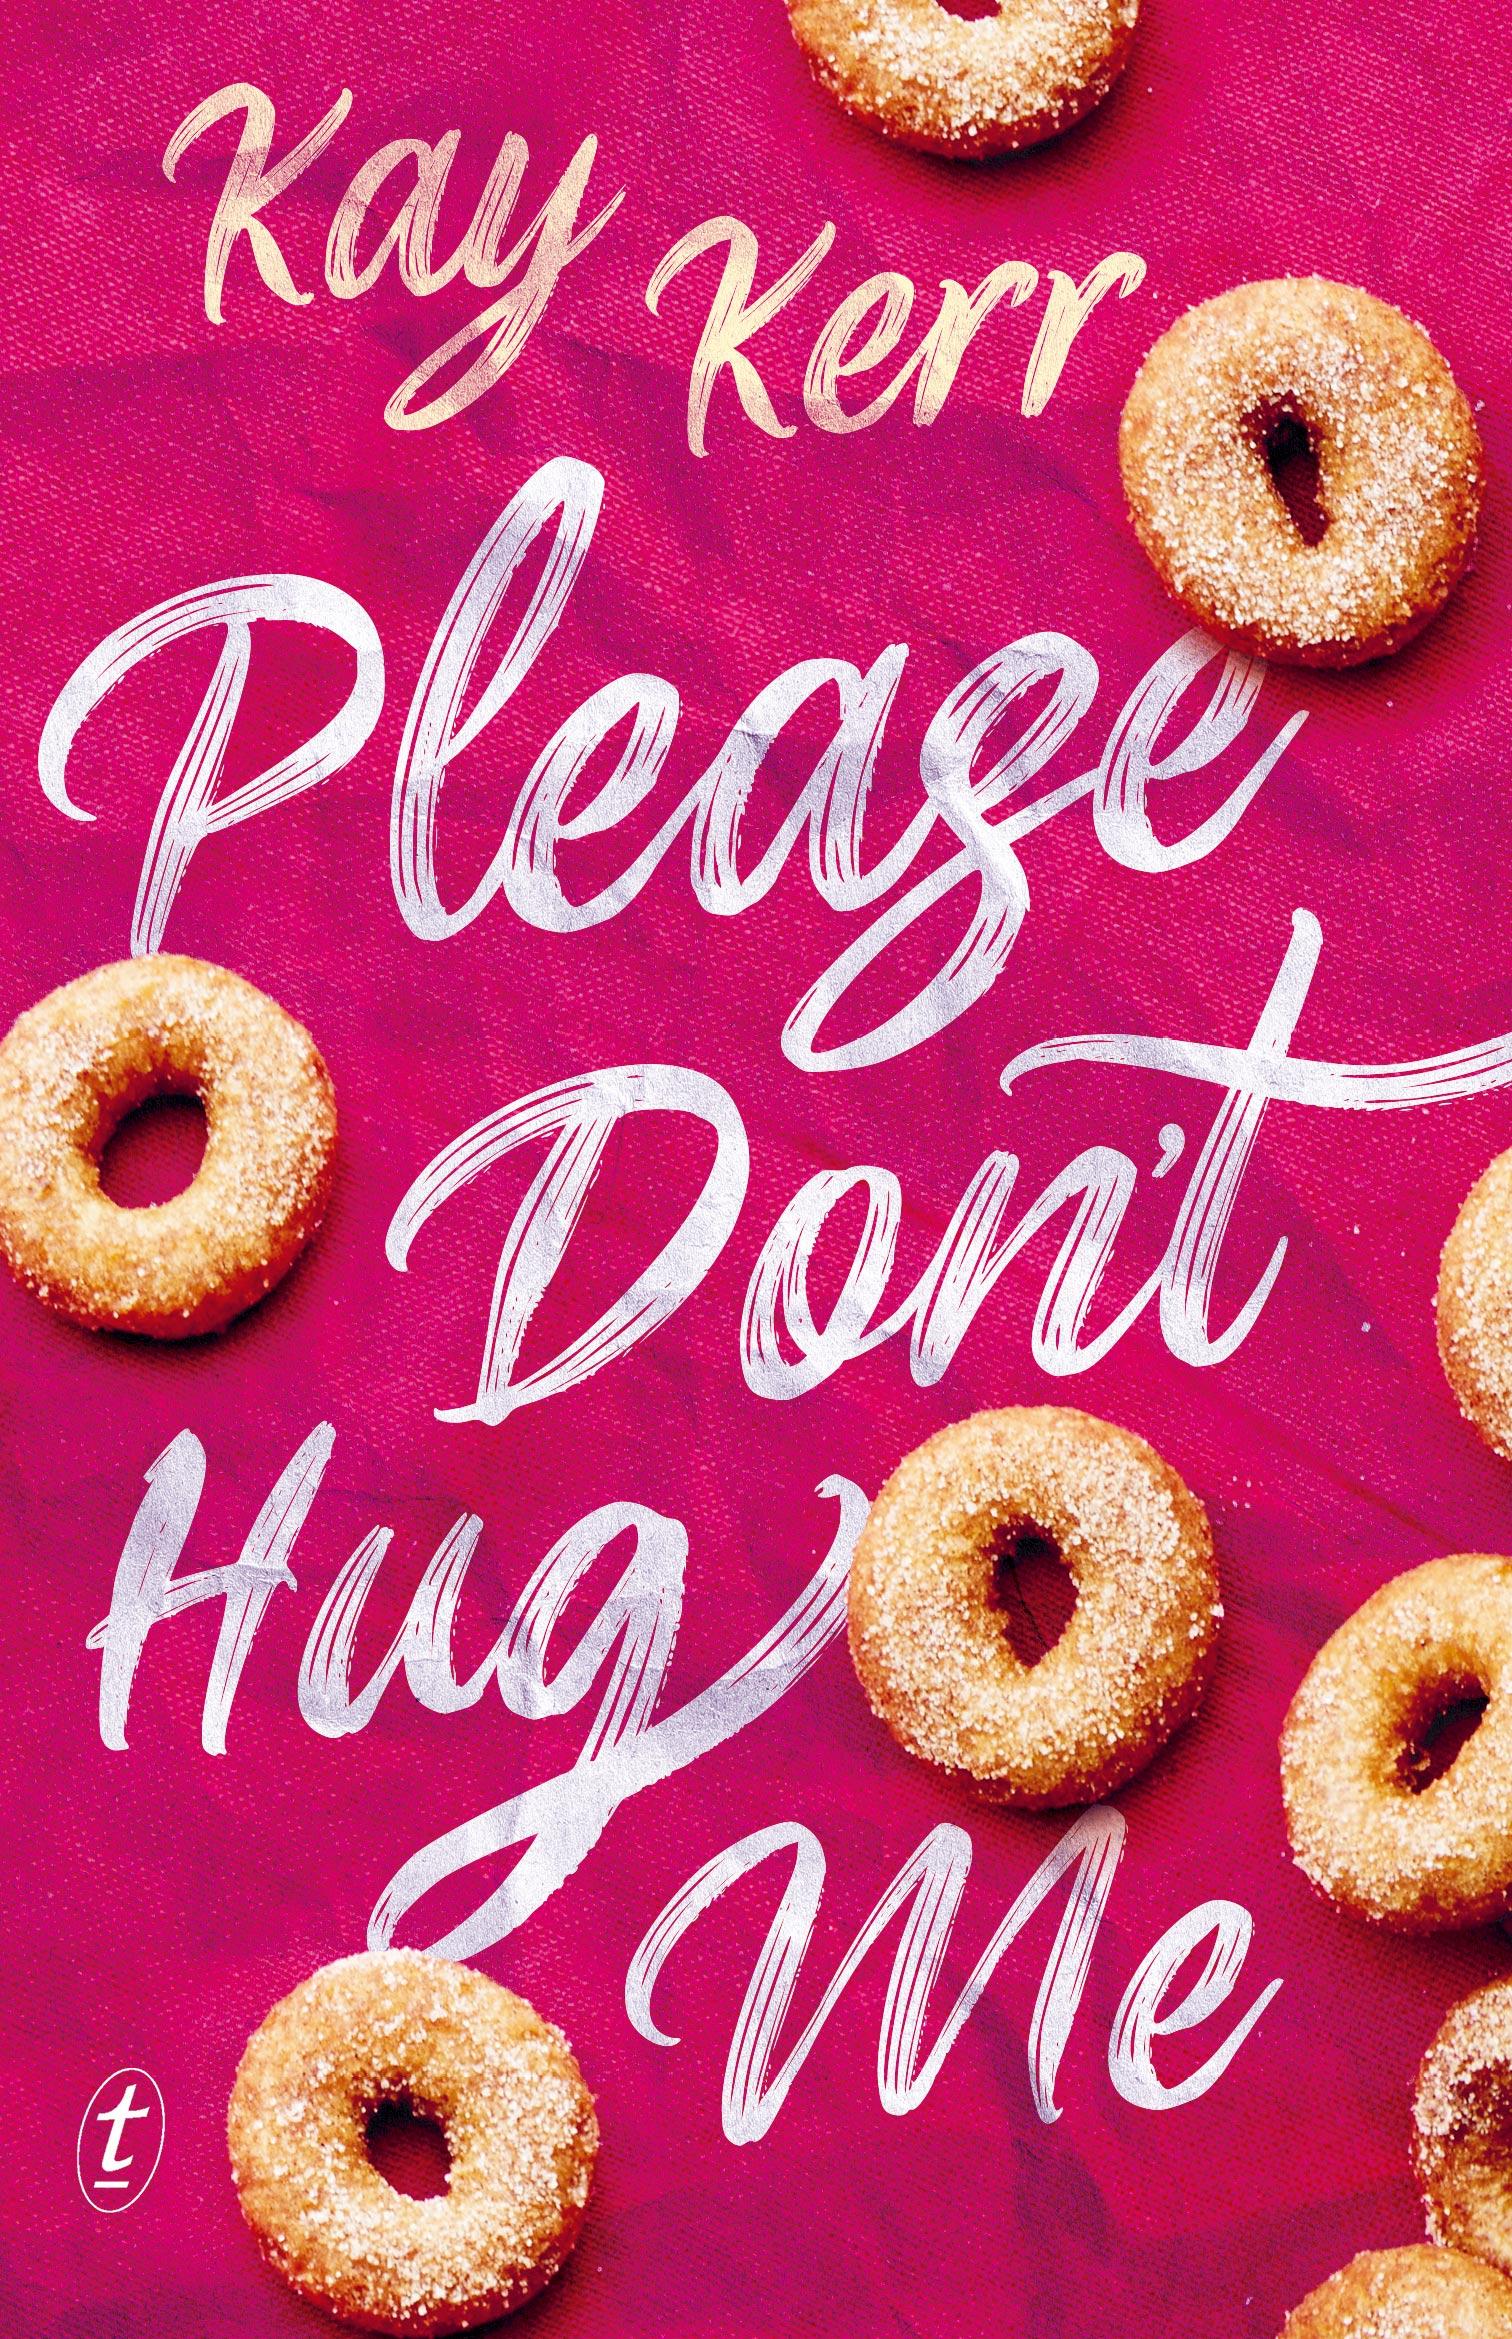 Please Don't Hug Me - Kay Kerr